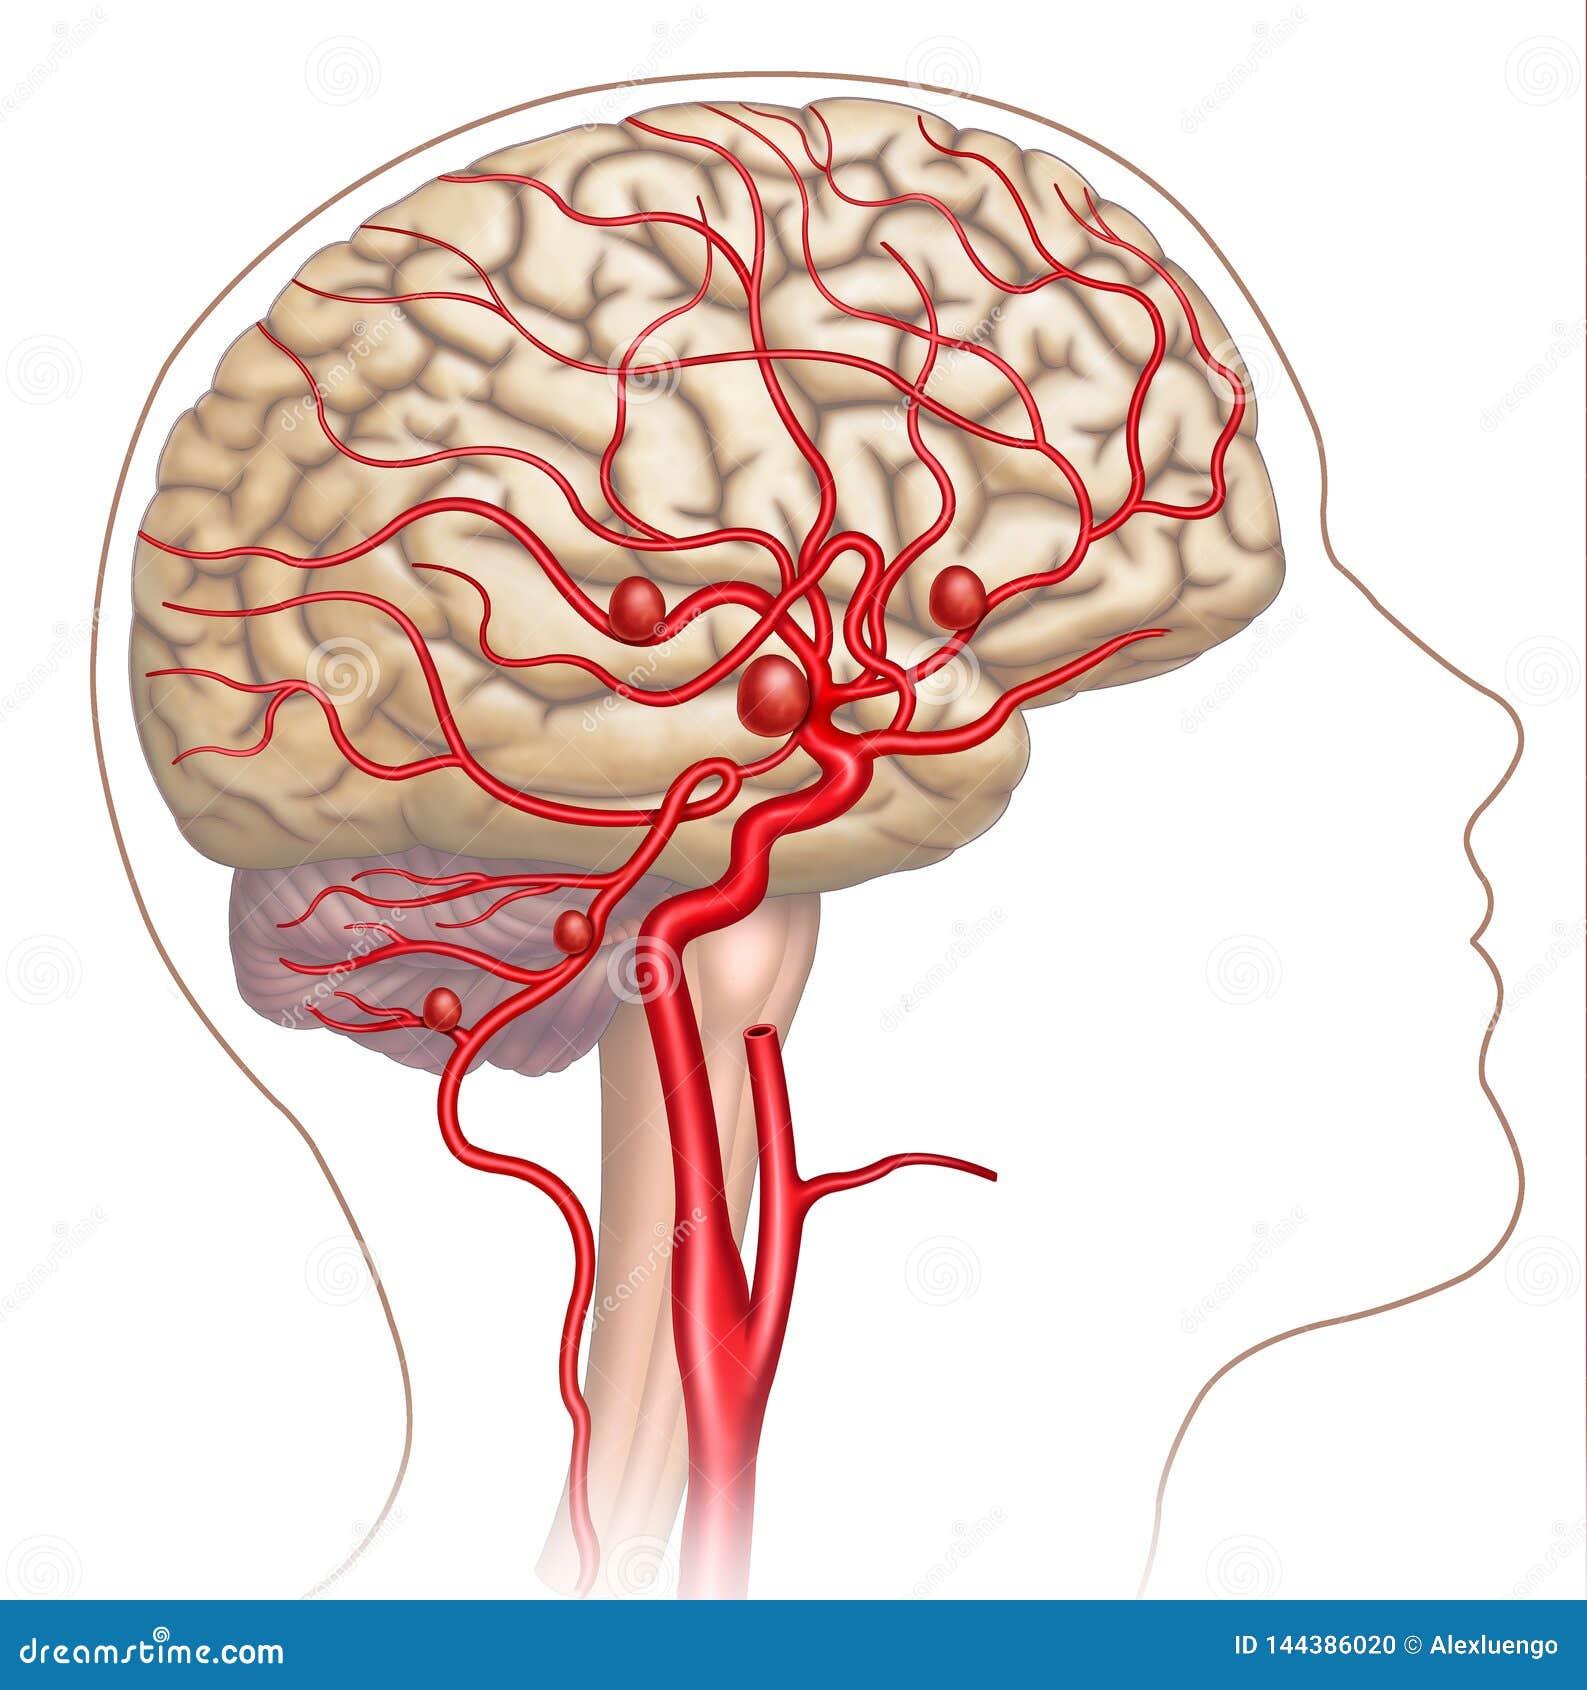 Illustratie en beschrijvende regeling van het aneurisma in de menselijke hersenen